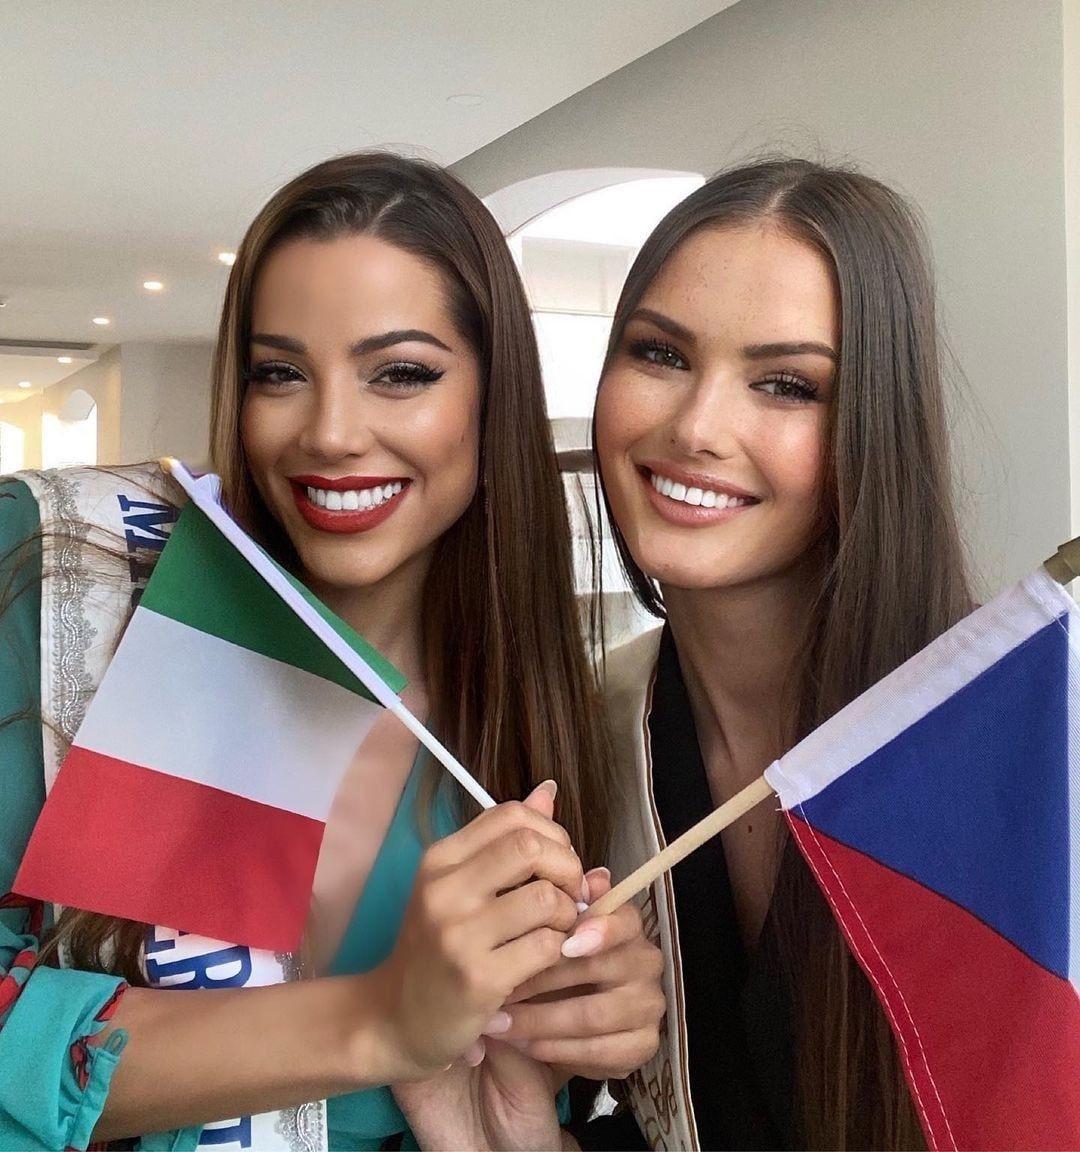 klara vavruskova, miss universe czech republic 2020. - Página 9 Bifhns10